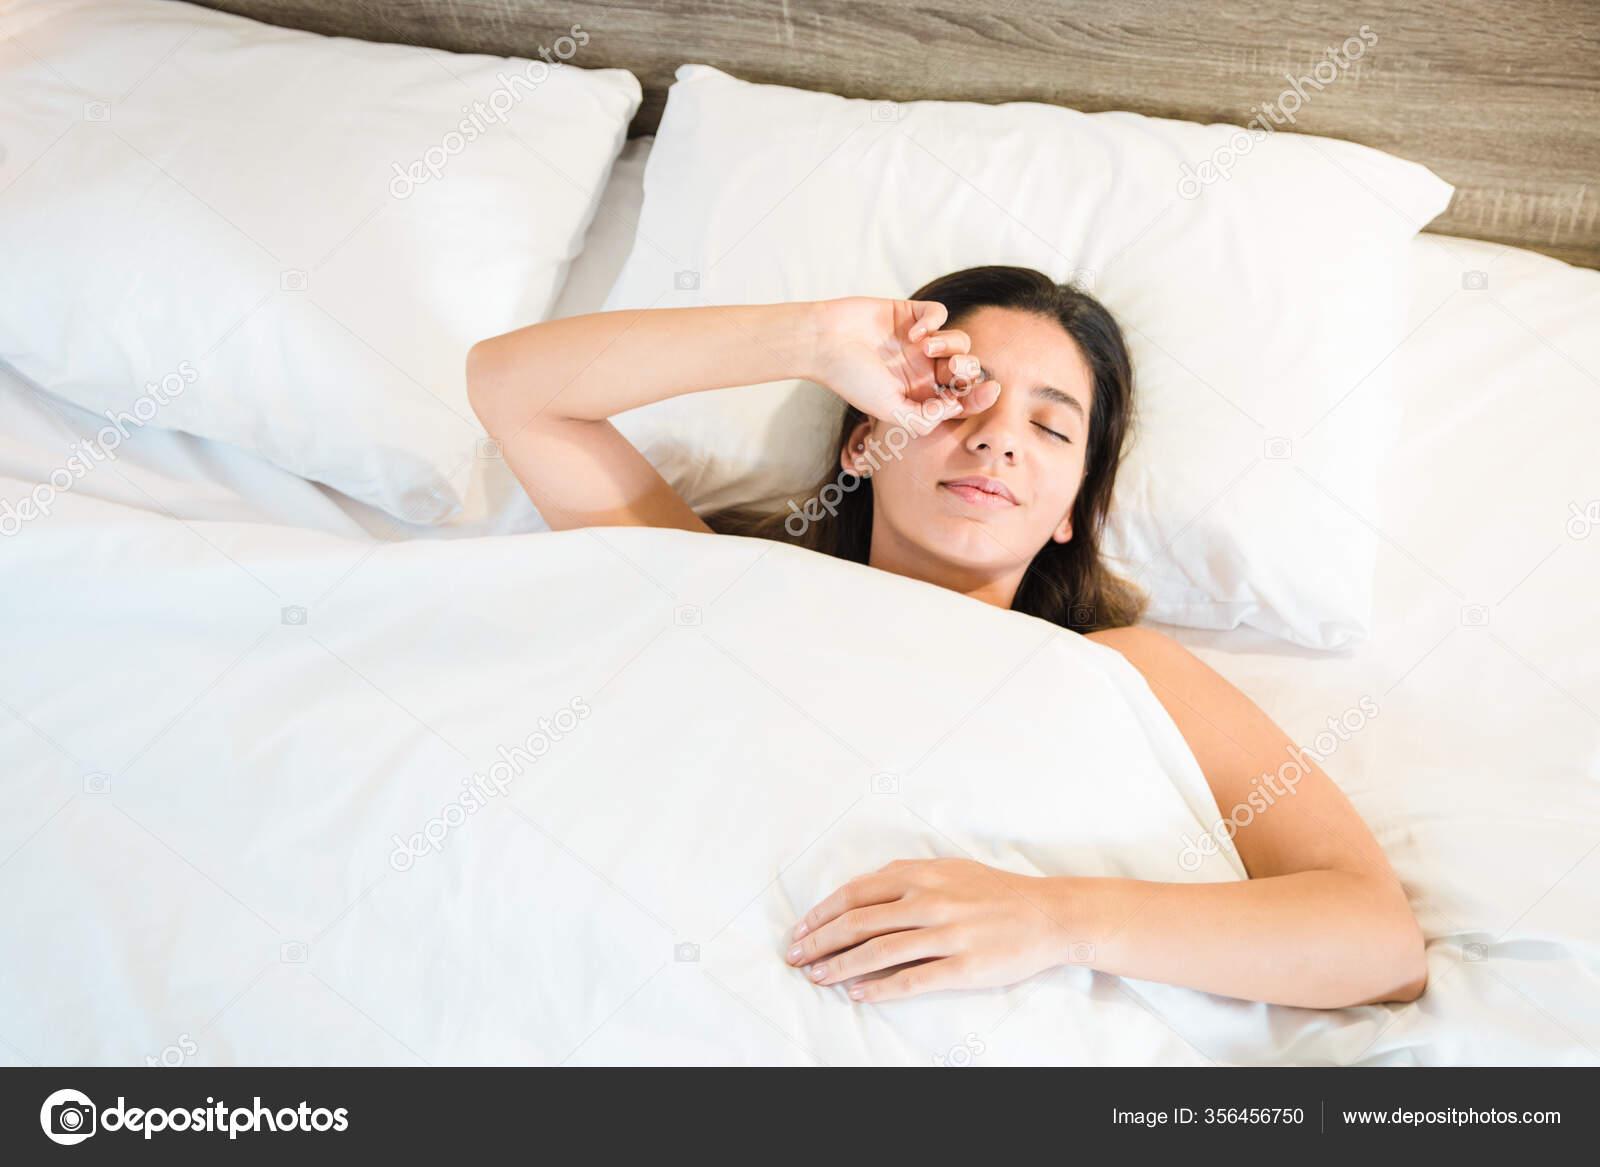 Andrei waking